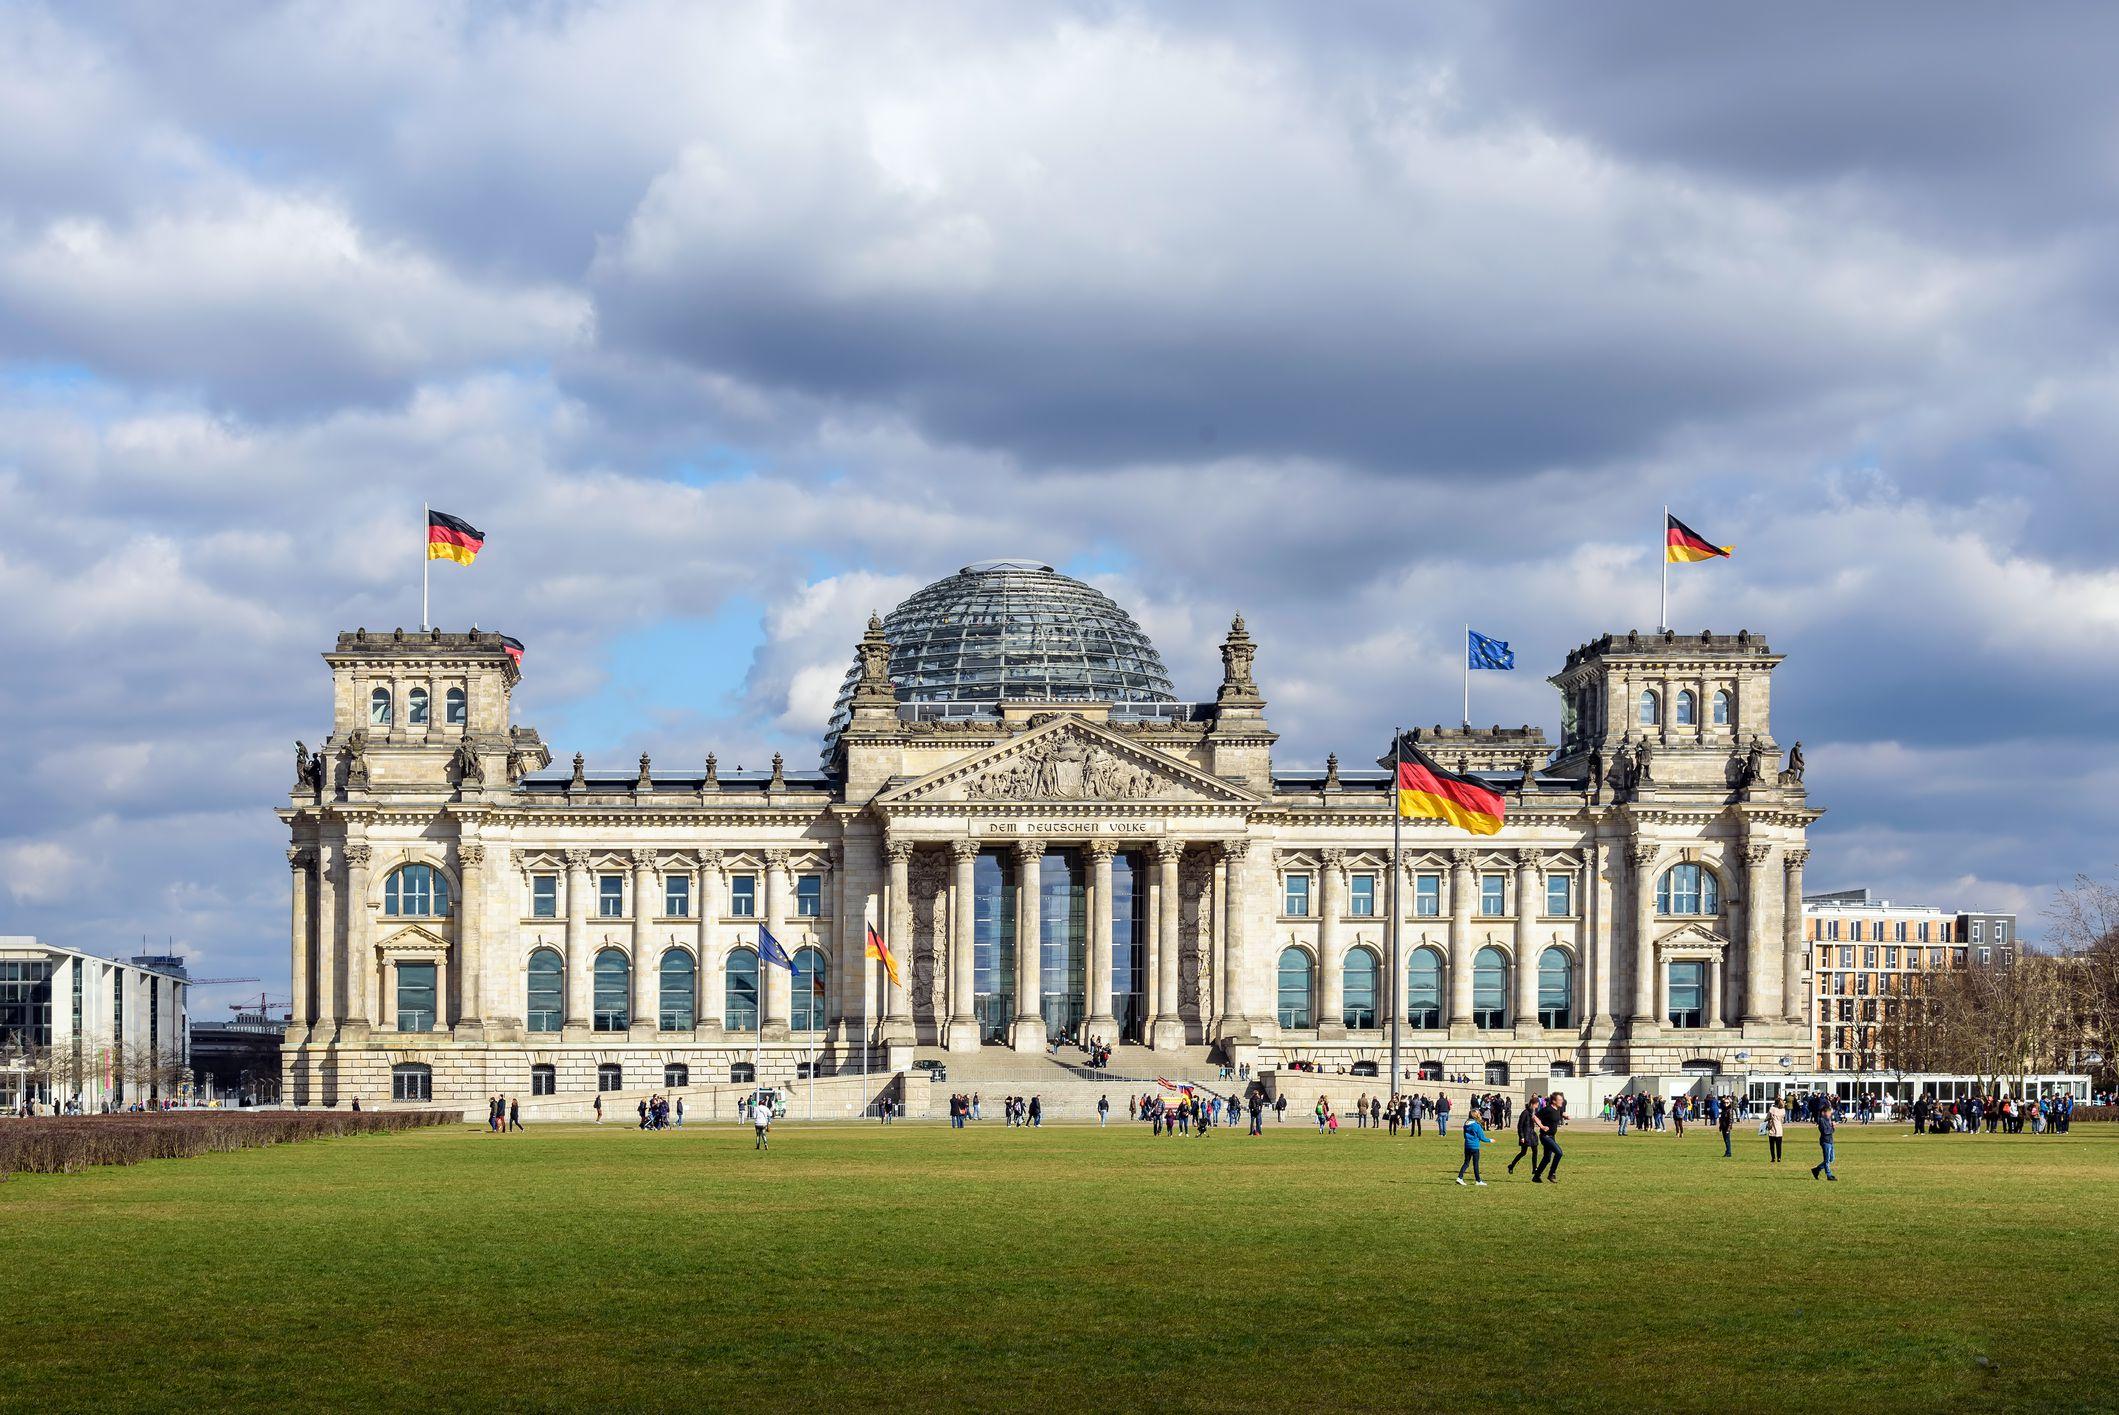 Los lugares que hay que visitar en Berlín - Reichstag